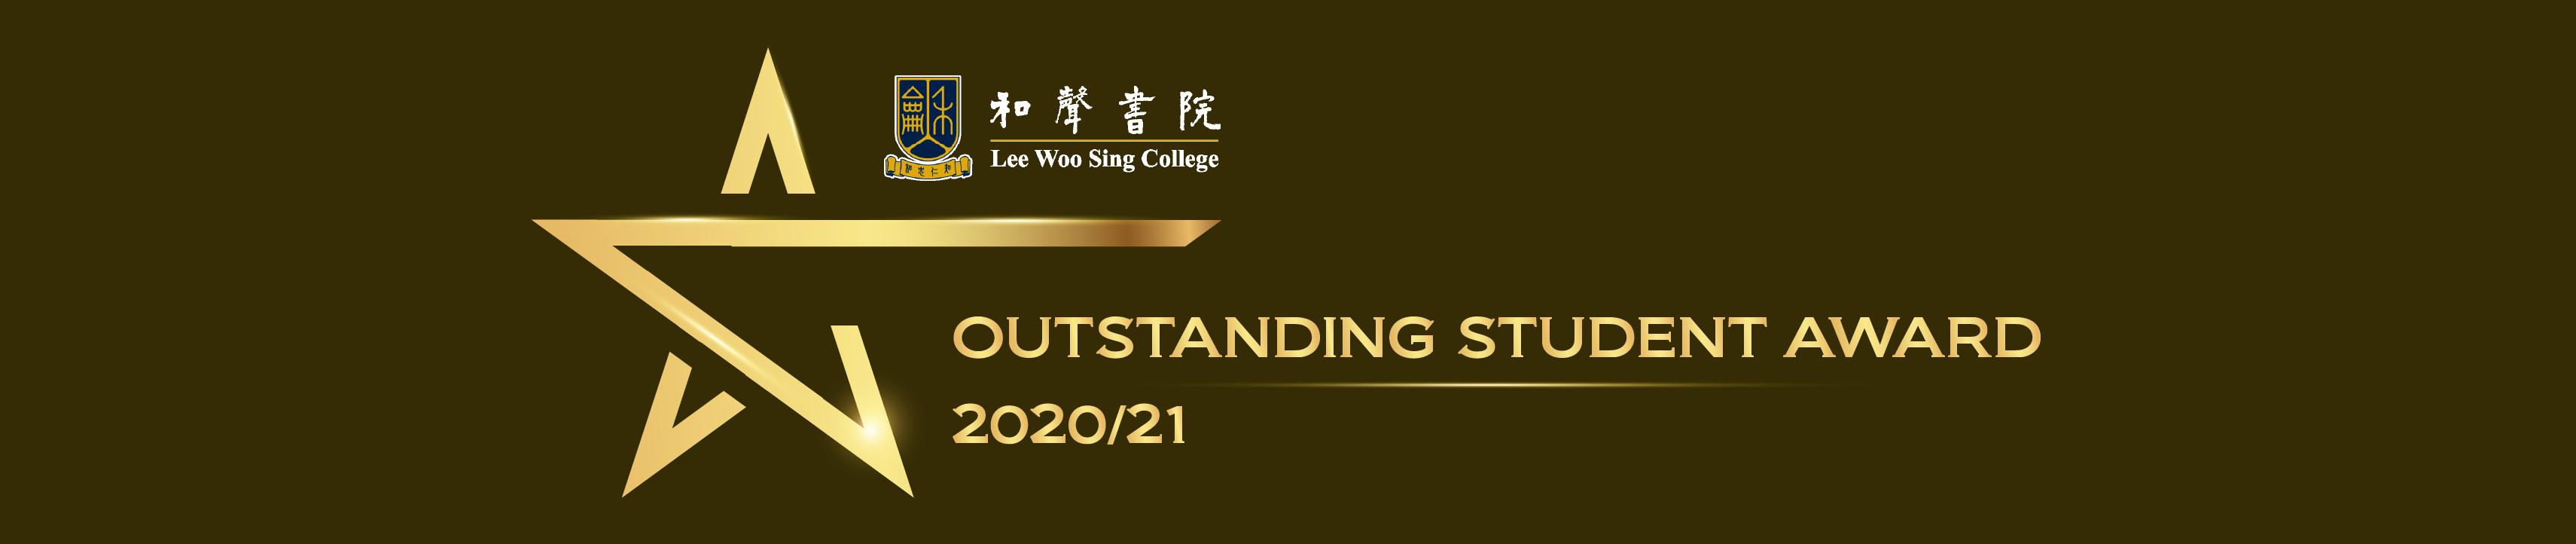 Outstanding Student Award 和聲書院 傑出學生獎